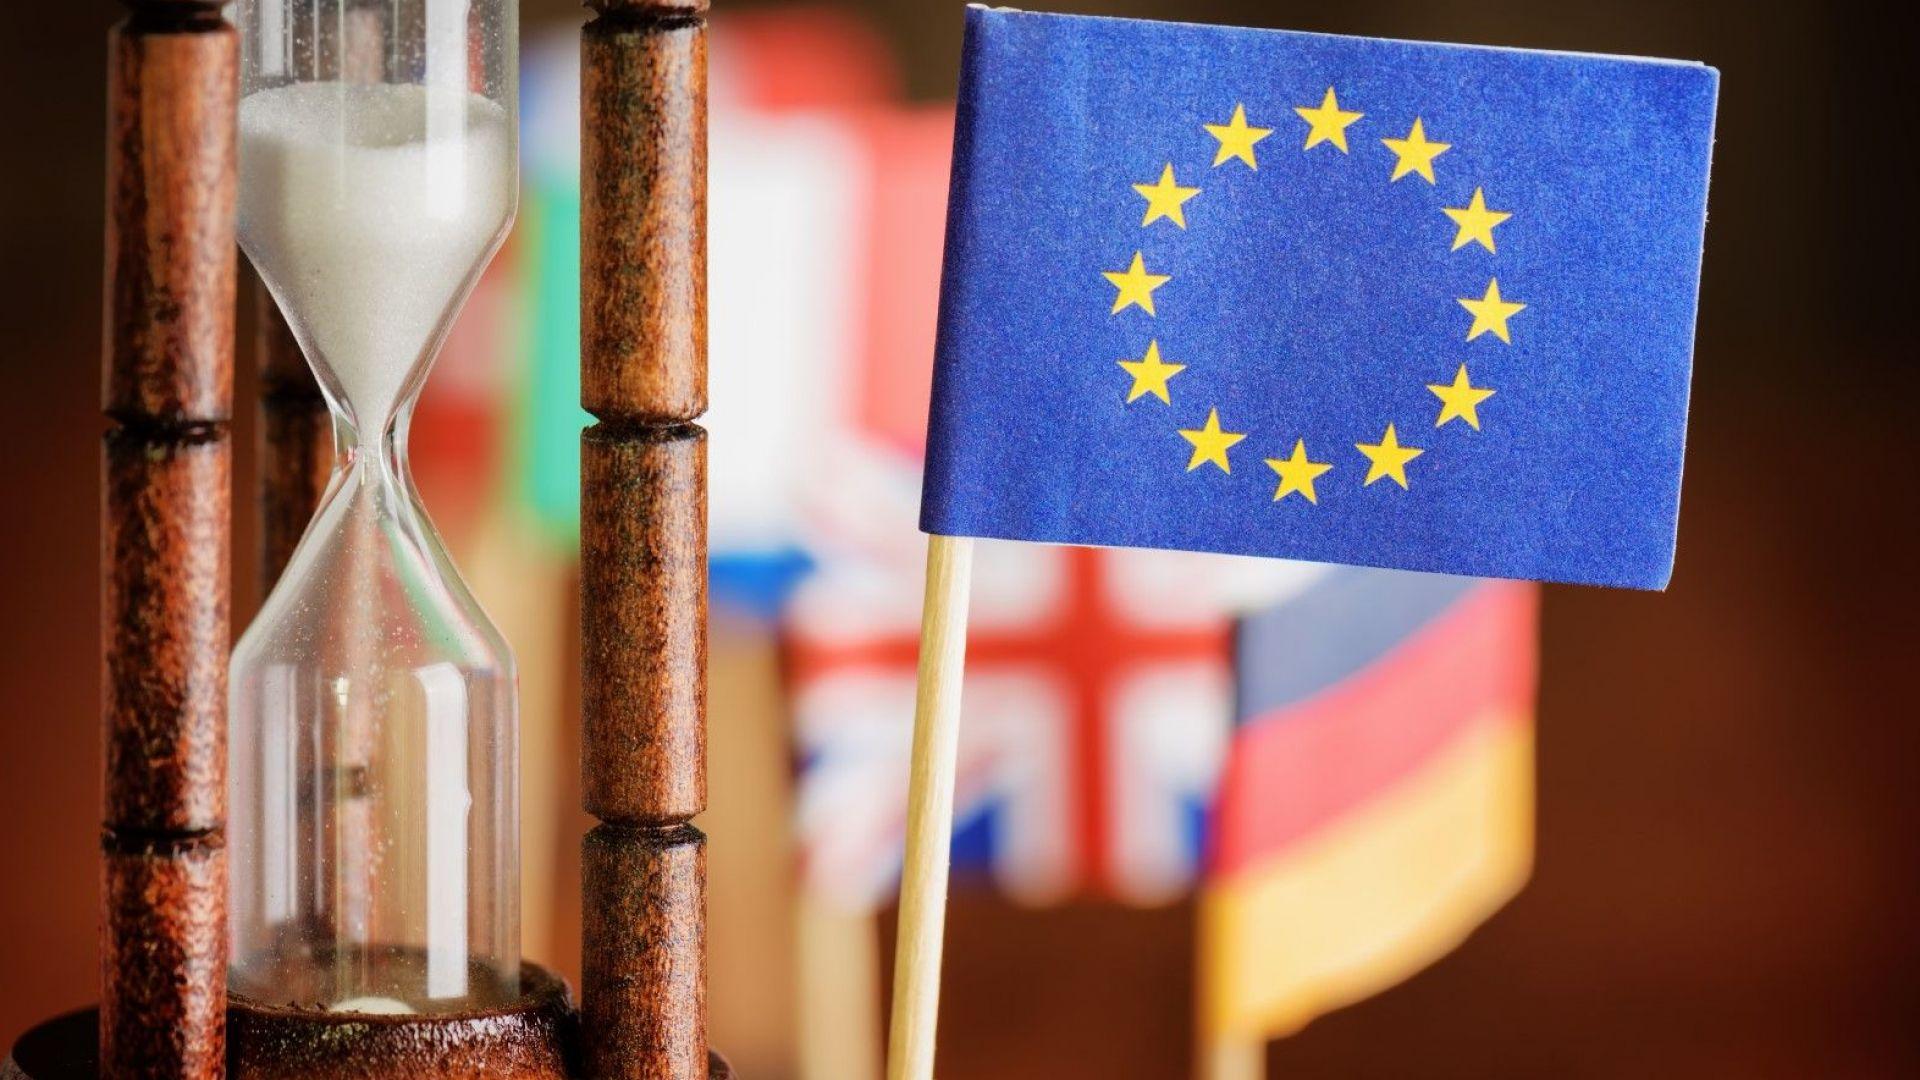 Владимир Костов: Заплахата за съществуването на ЕС скоро може да стане брутално откровена